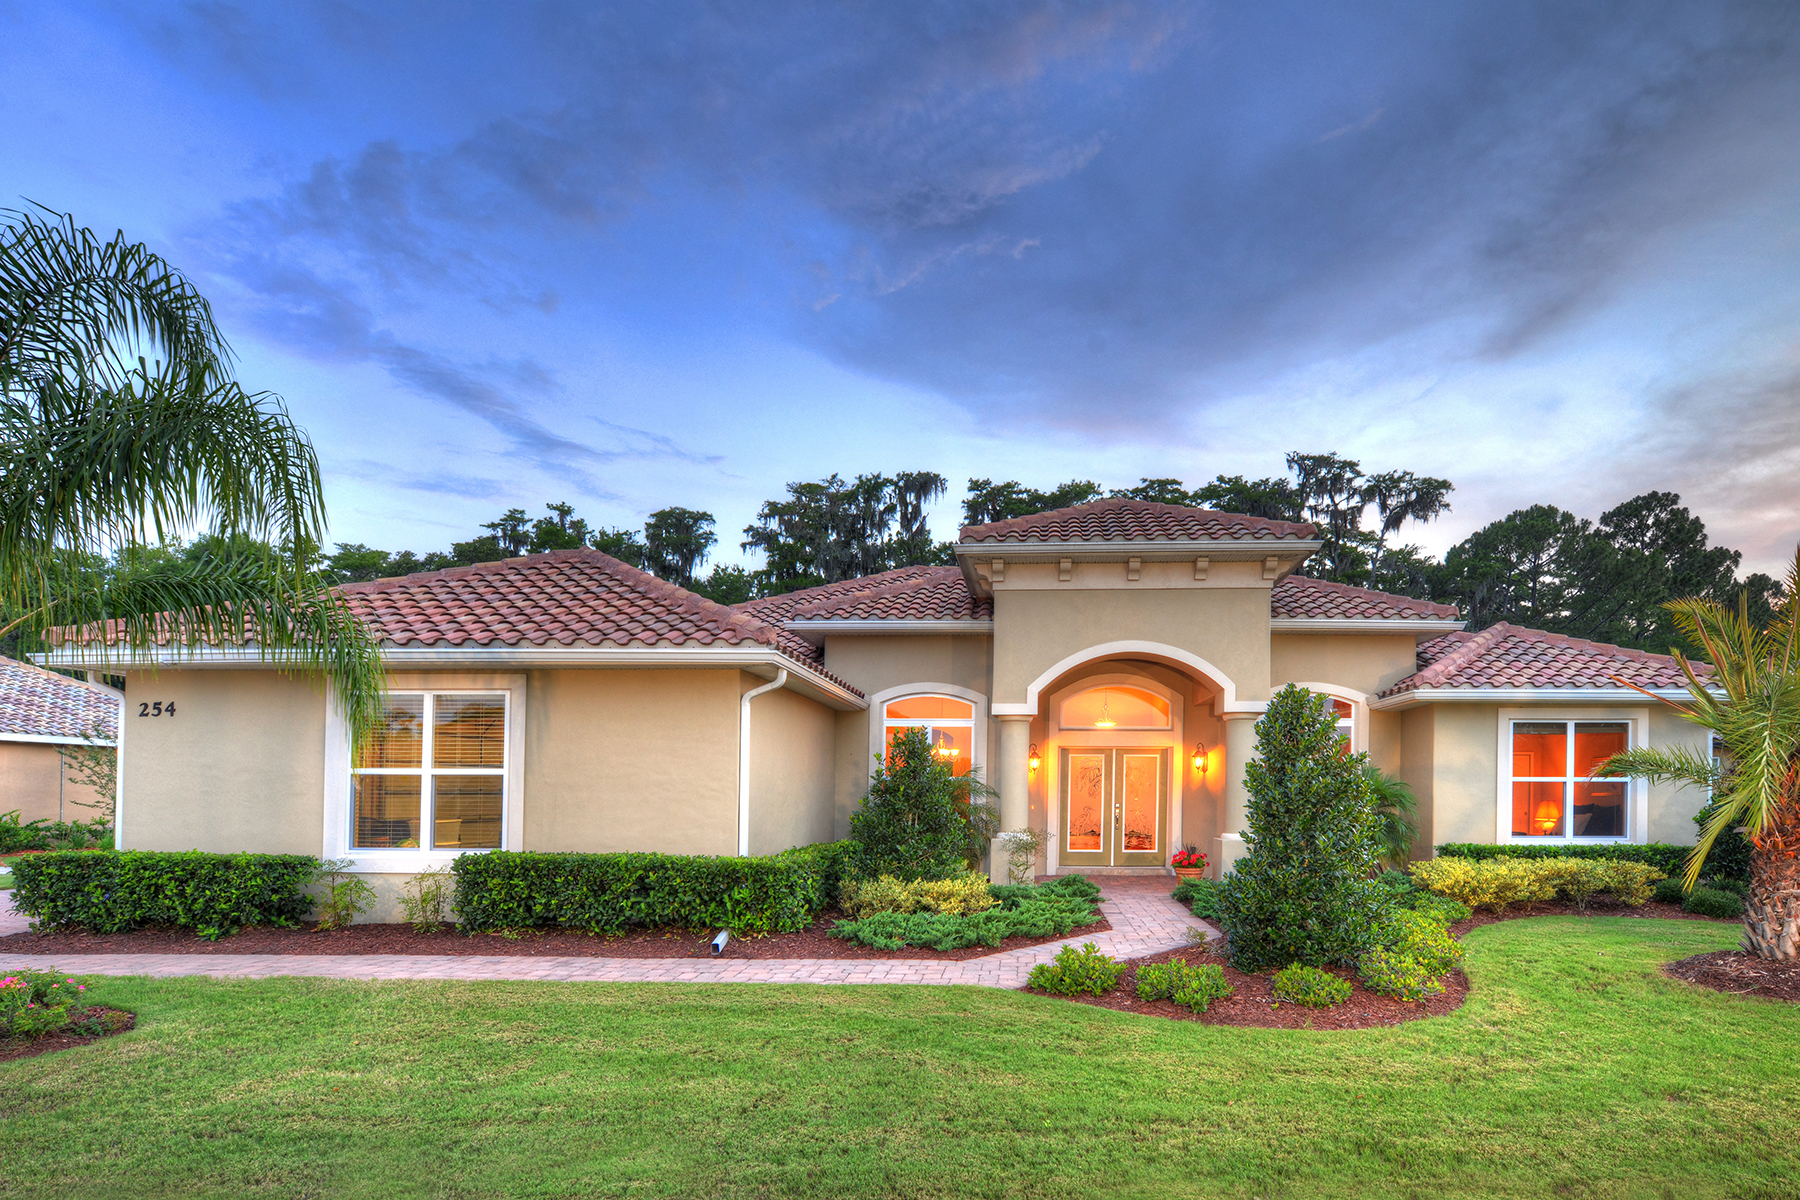 Casa para uma família para Venda às SPRUCE CREEK AND THE BEACHES 254 Portofino Blvd New Smyrna Beach, Florida, 32168 Estados Unidos